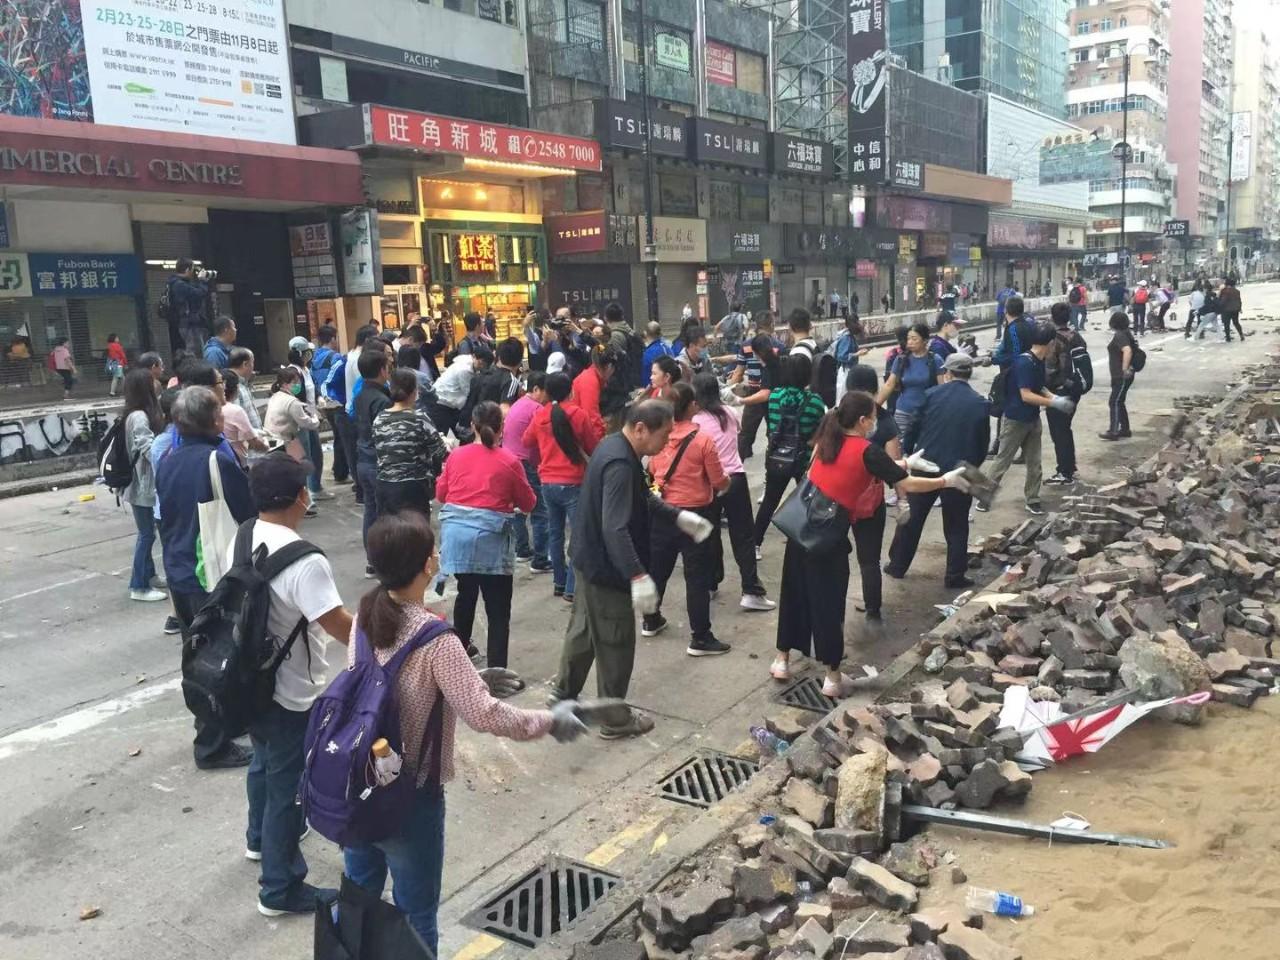 体验金如何使用说明,河南郑州仰韶文化遗址发现中国最早丝织品